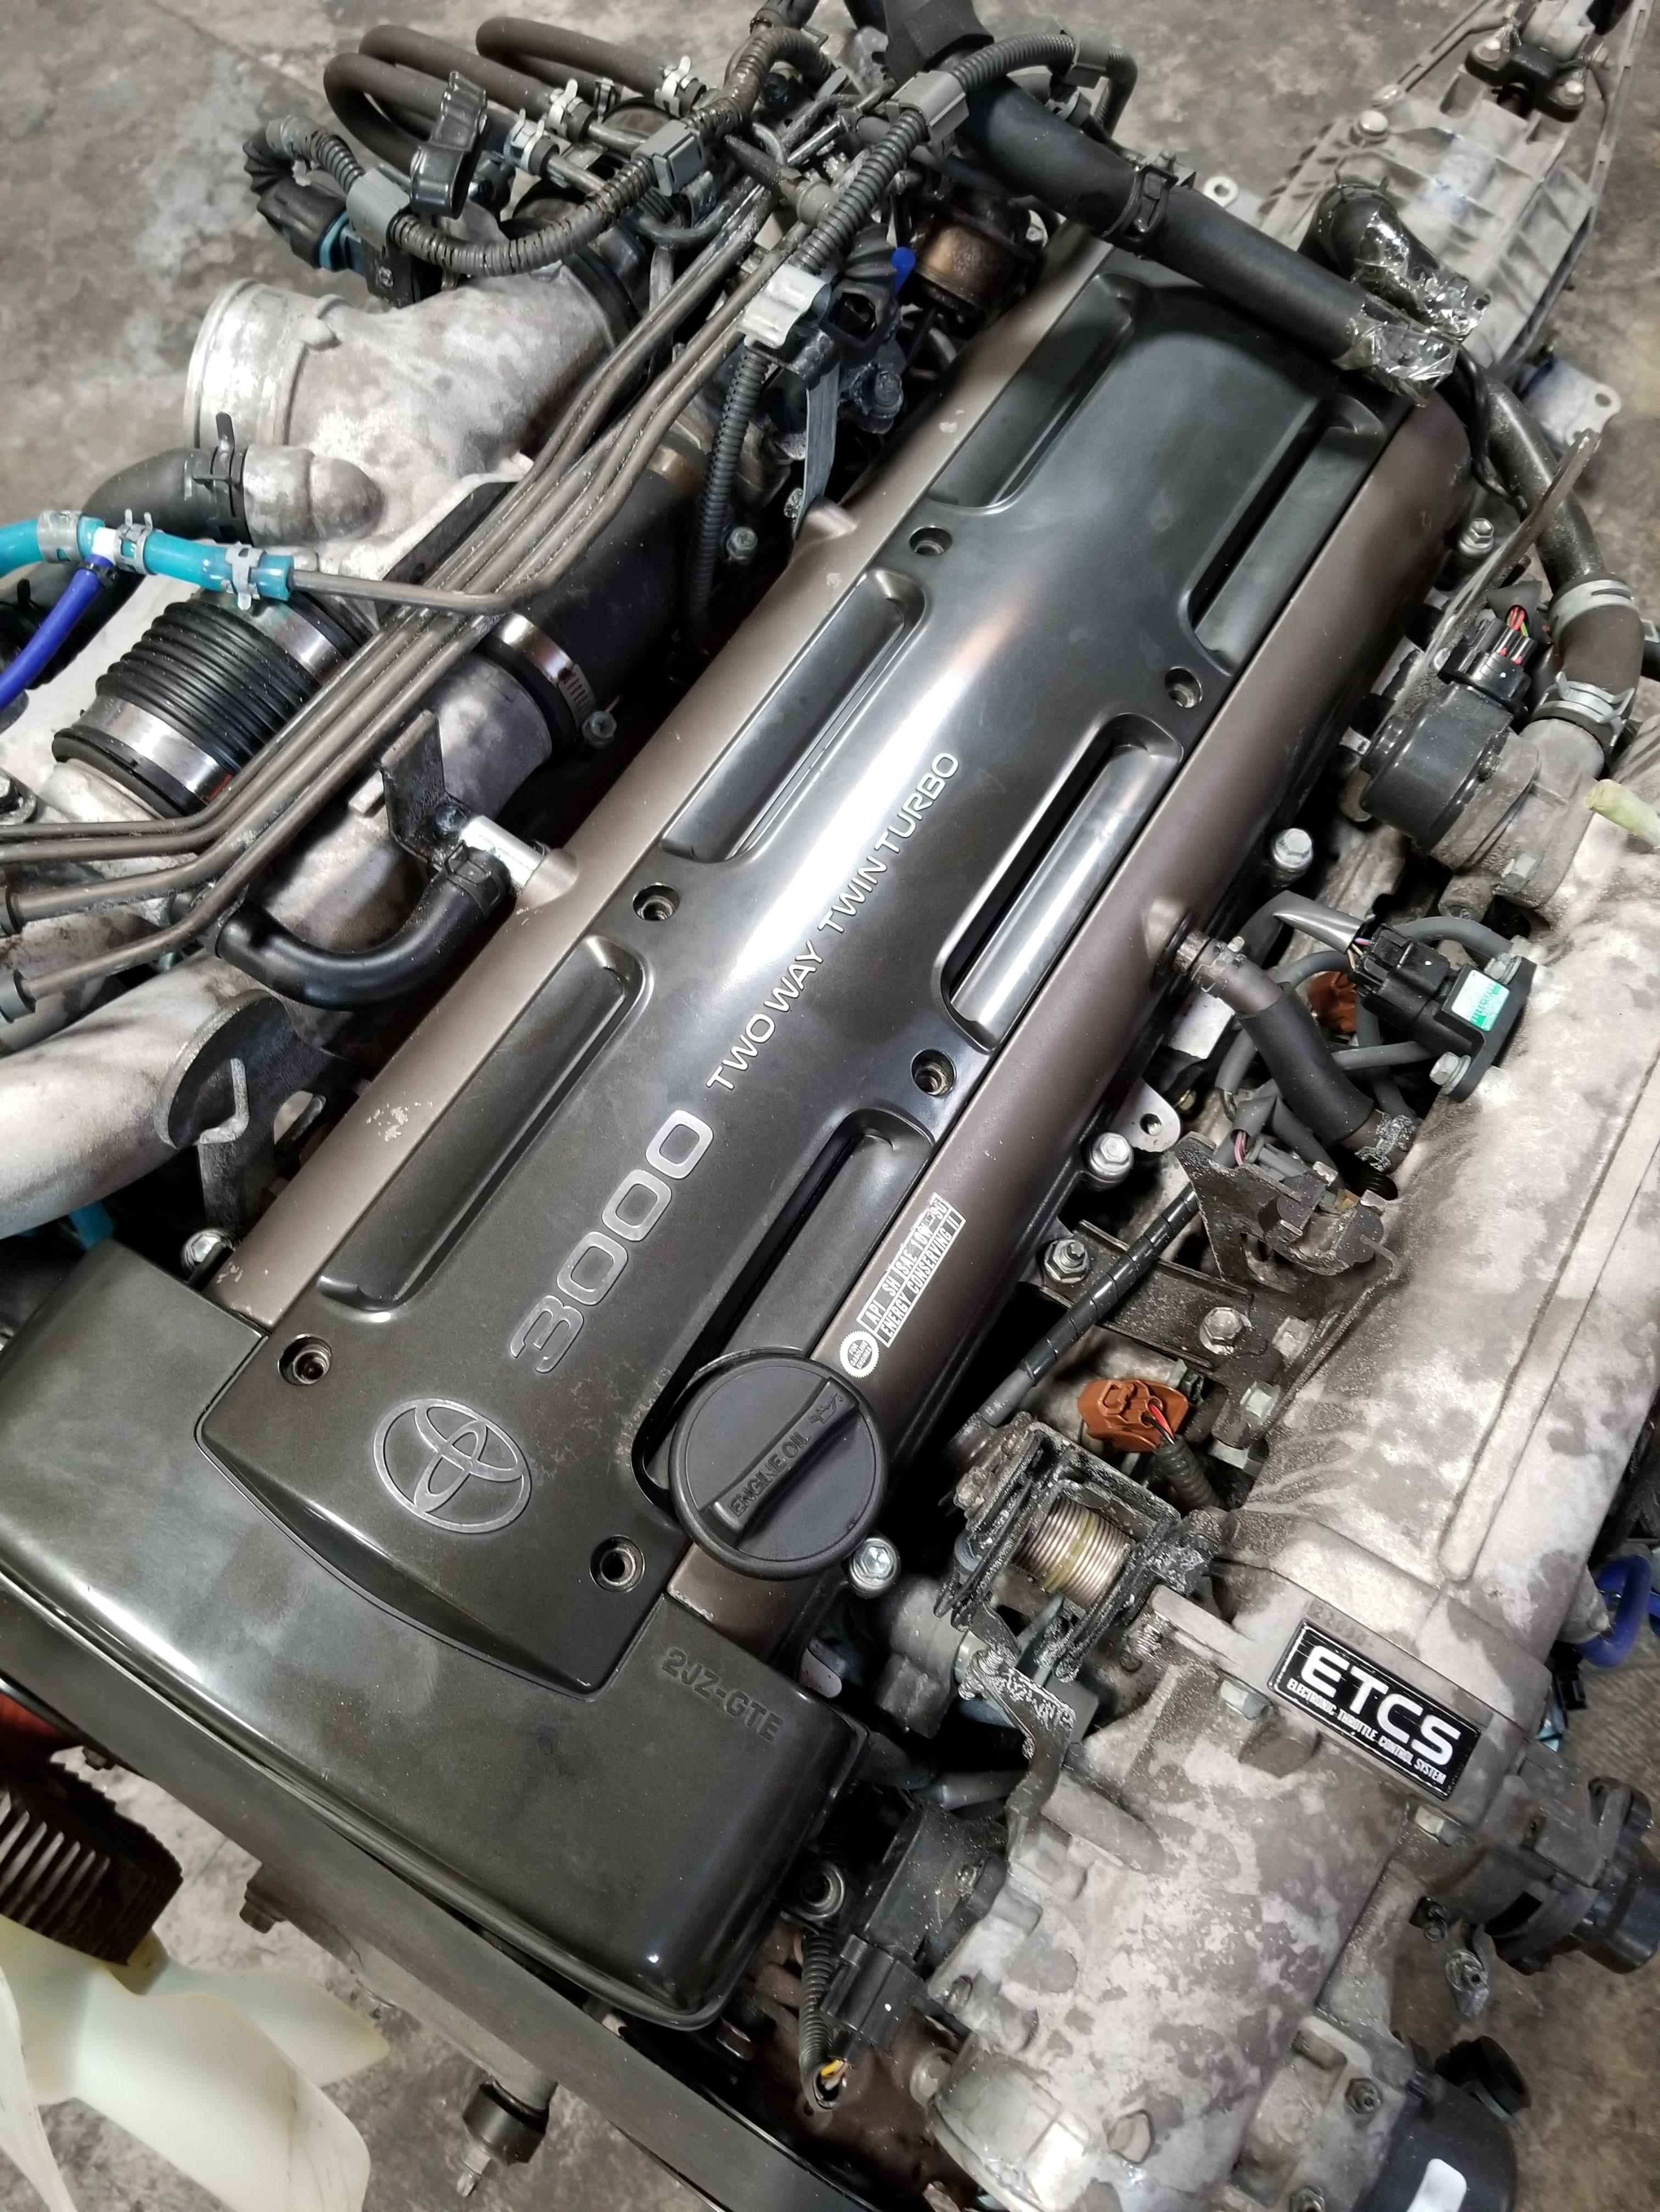 2JZGTE JDM GETRAG 6 Speed Manual Transmission V160 MK4 Supra Rear